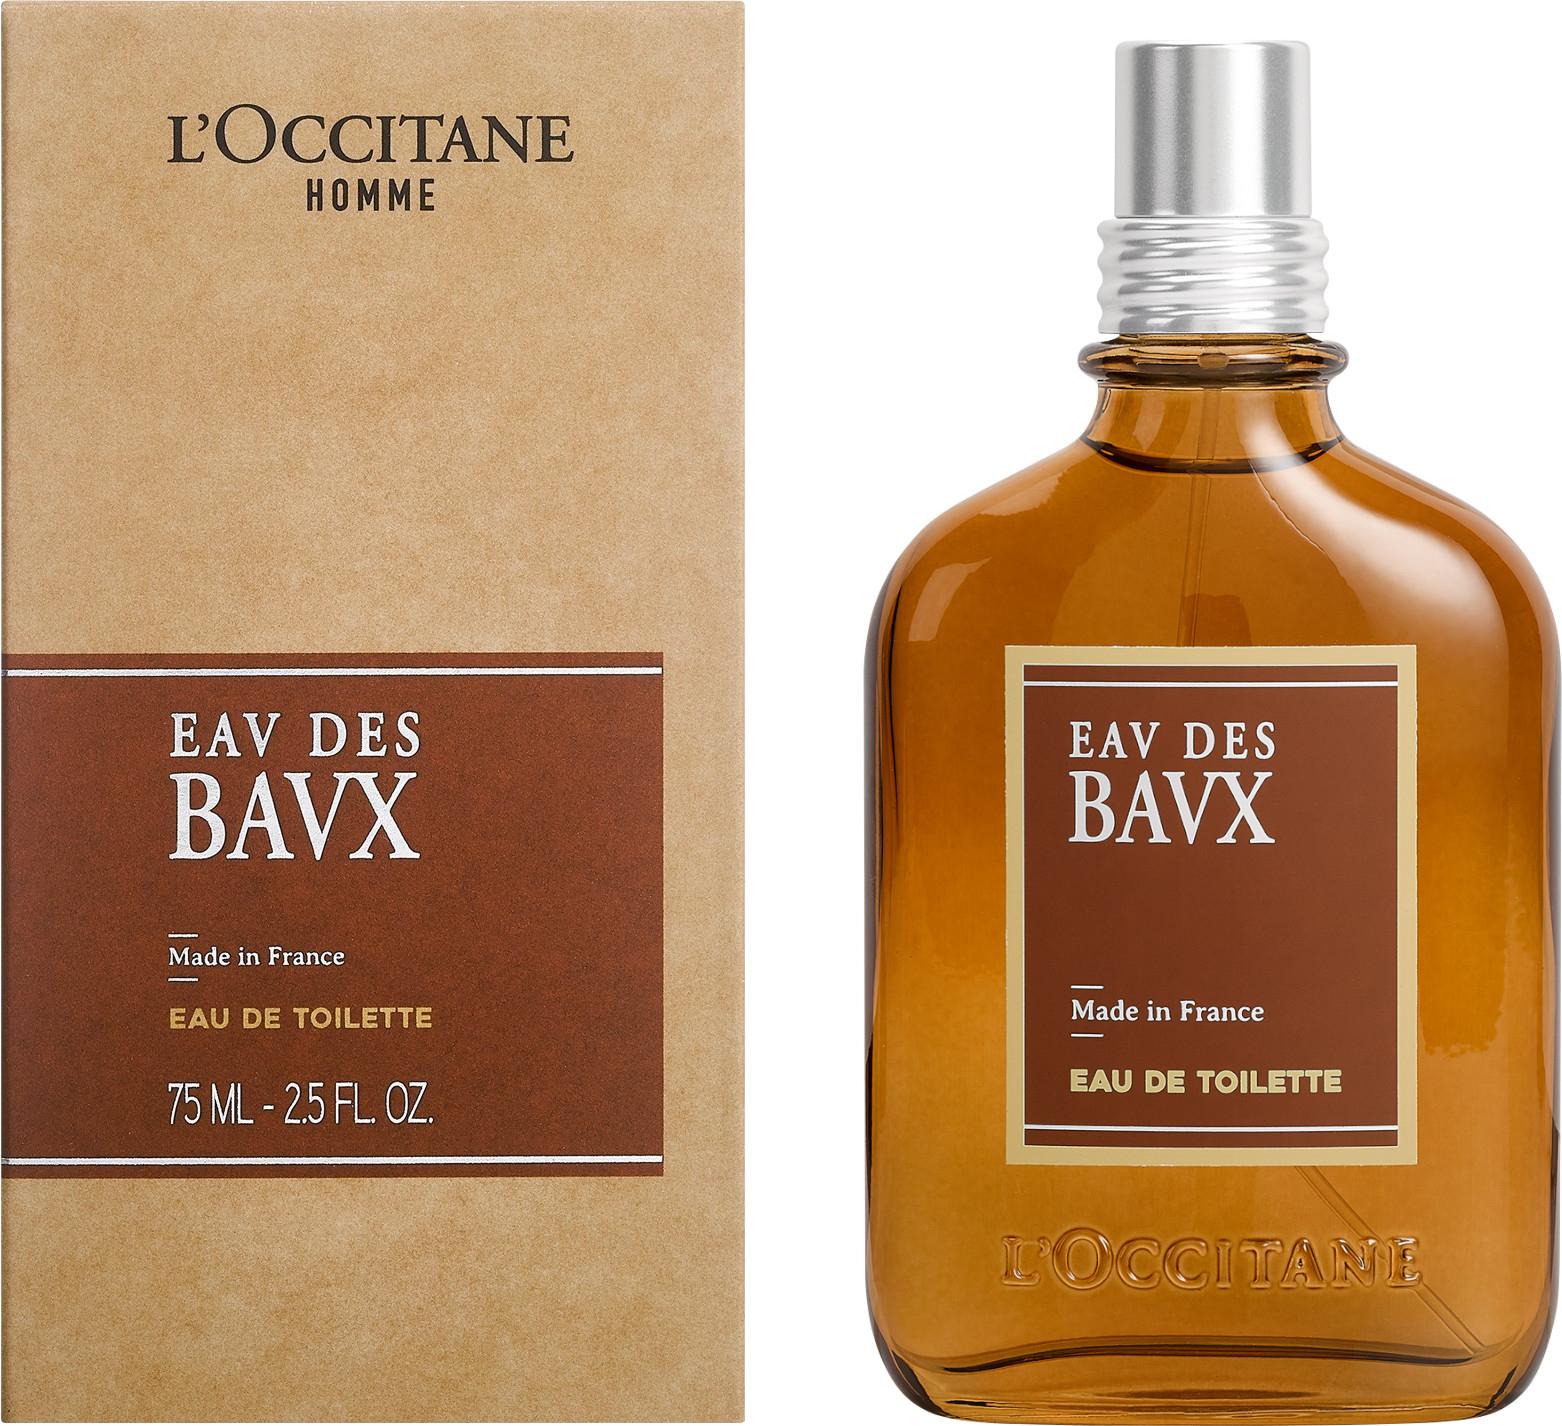 L'occitane Eau Des Baux 75ml - £36.75 del at Escentual